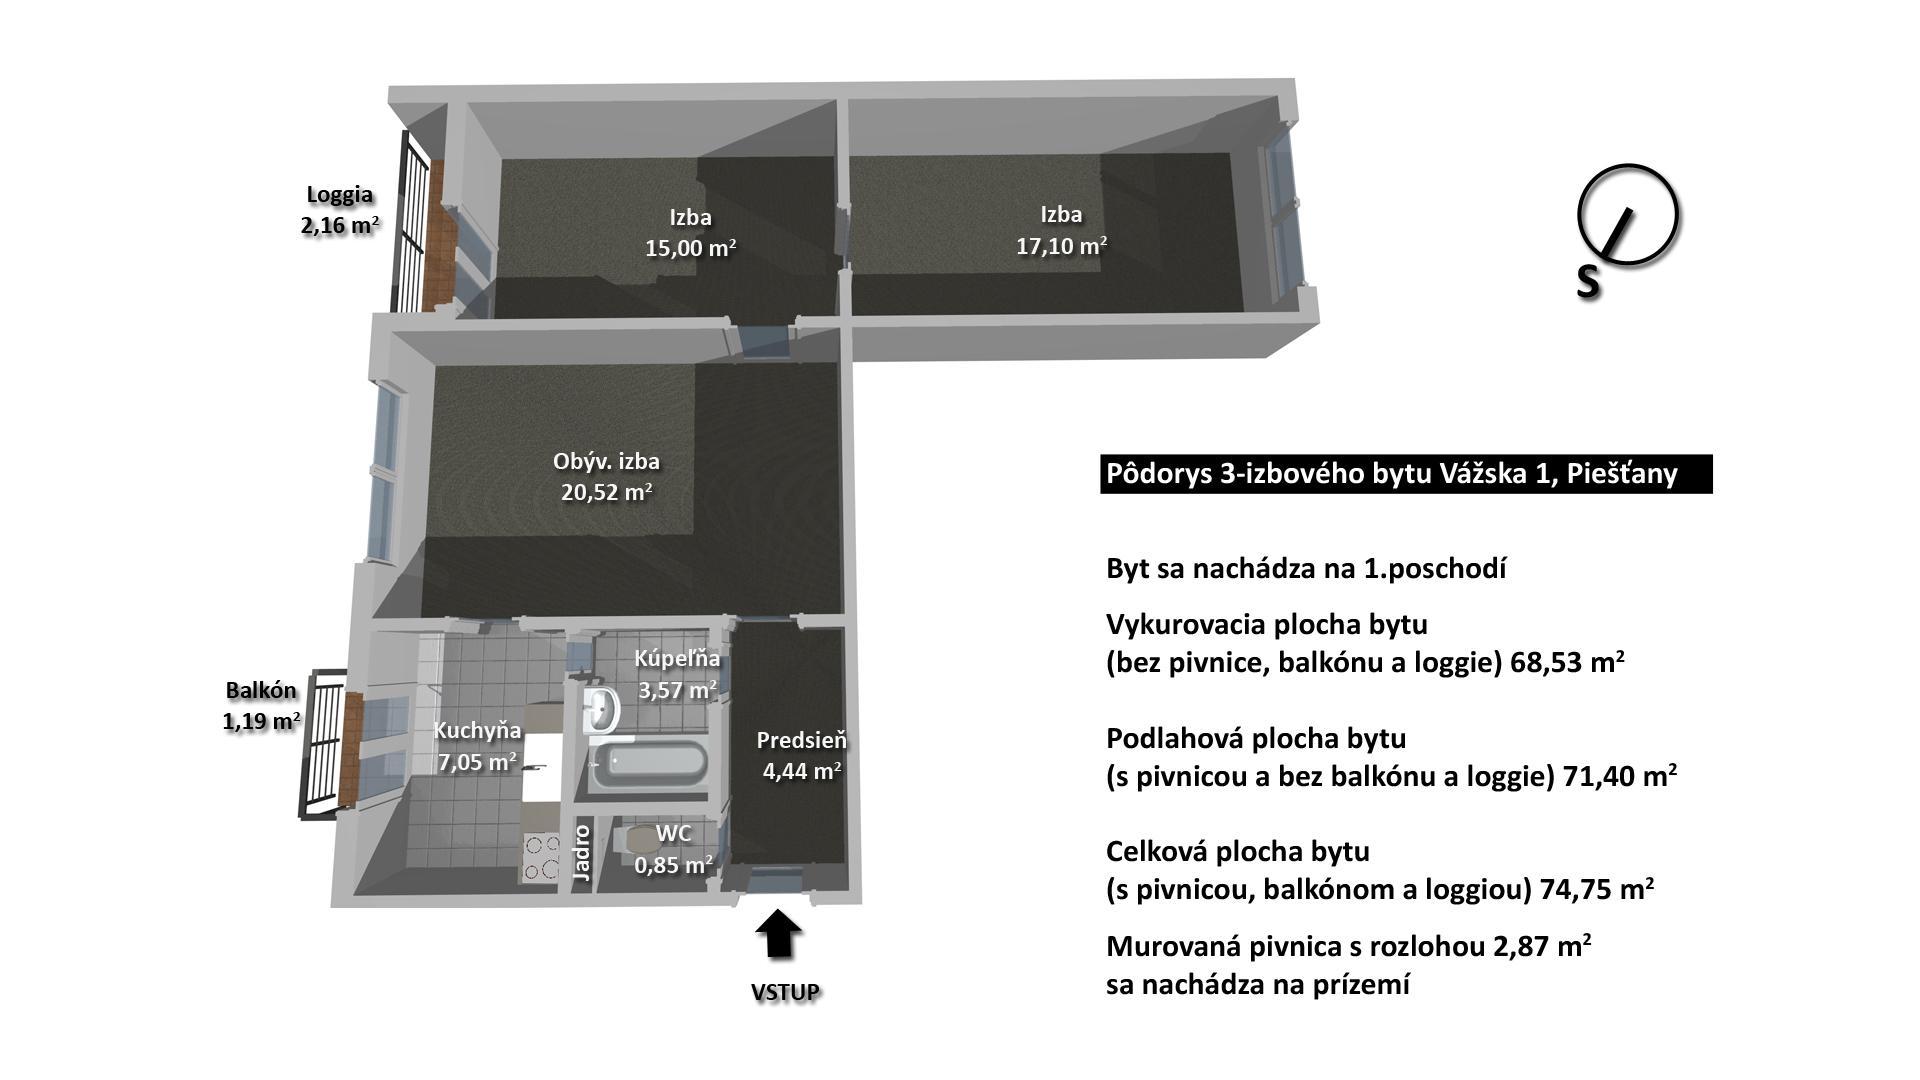 3-izb. byt Piešťany, Vážska 1